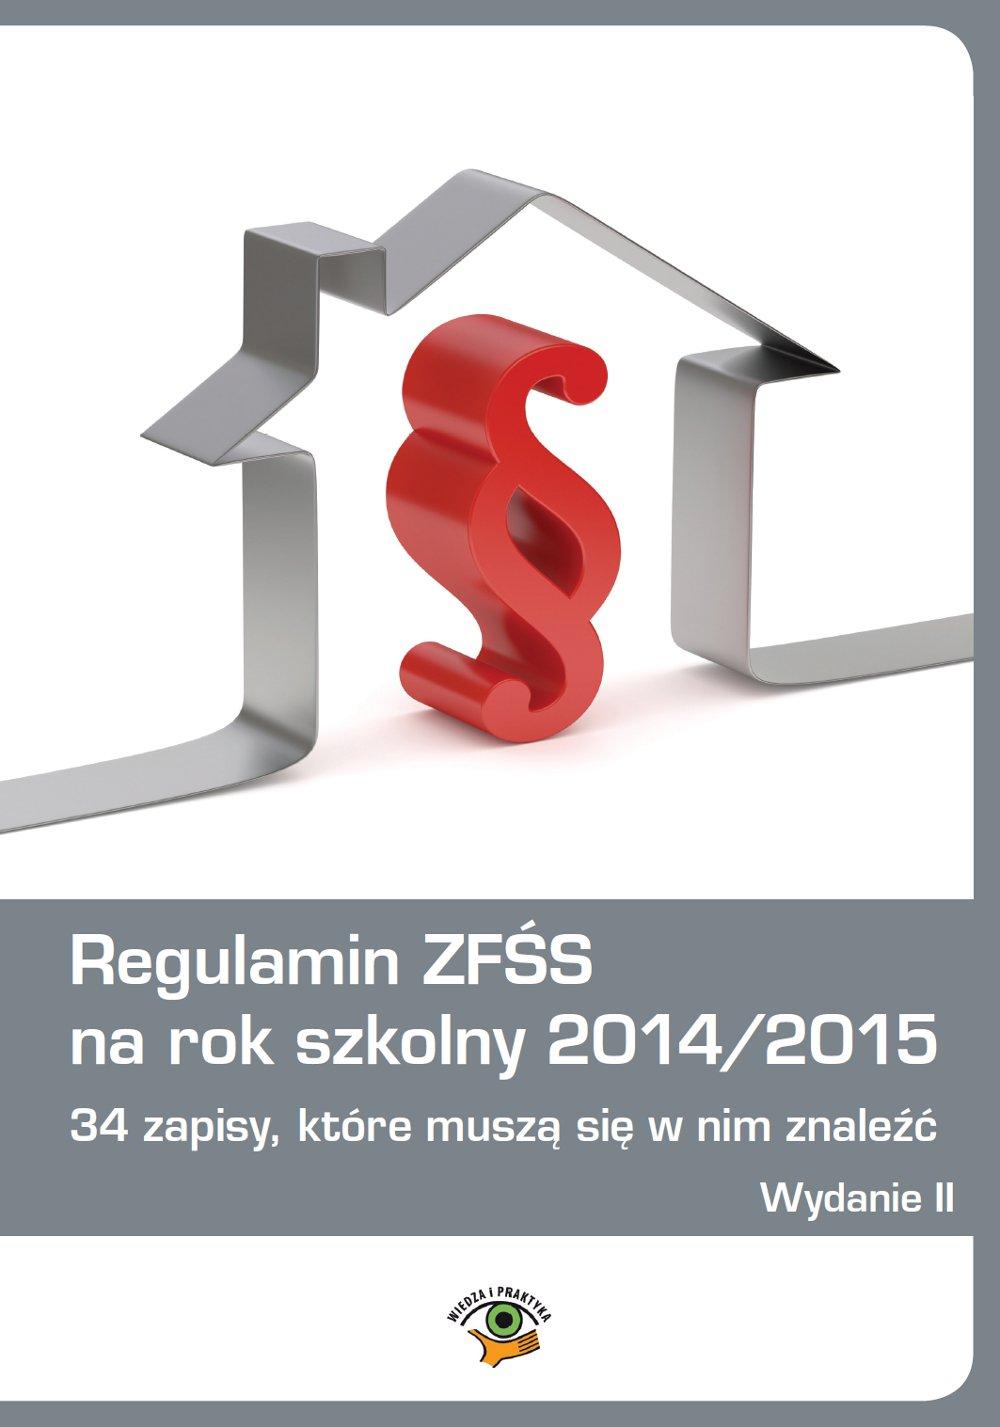 Regulamin ZFŚS na rok szkolny 2014/2015 - Ebook (Książka PDF) do pobrania w formacie PDF